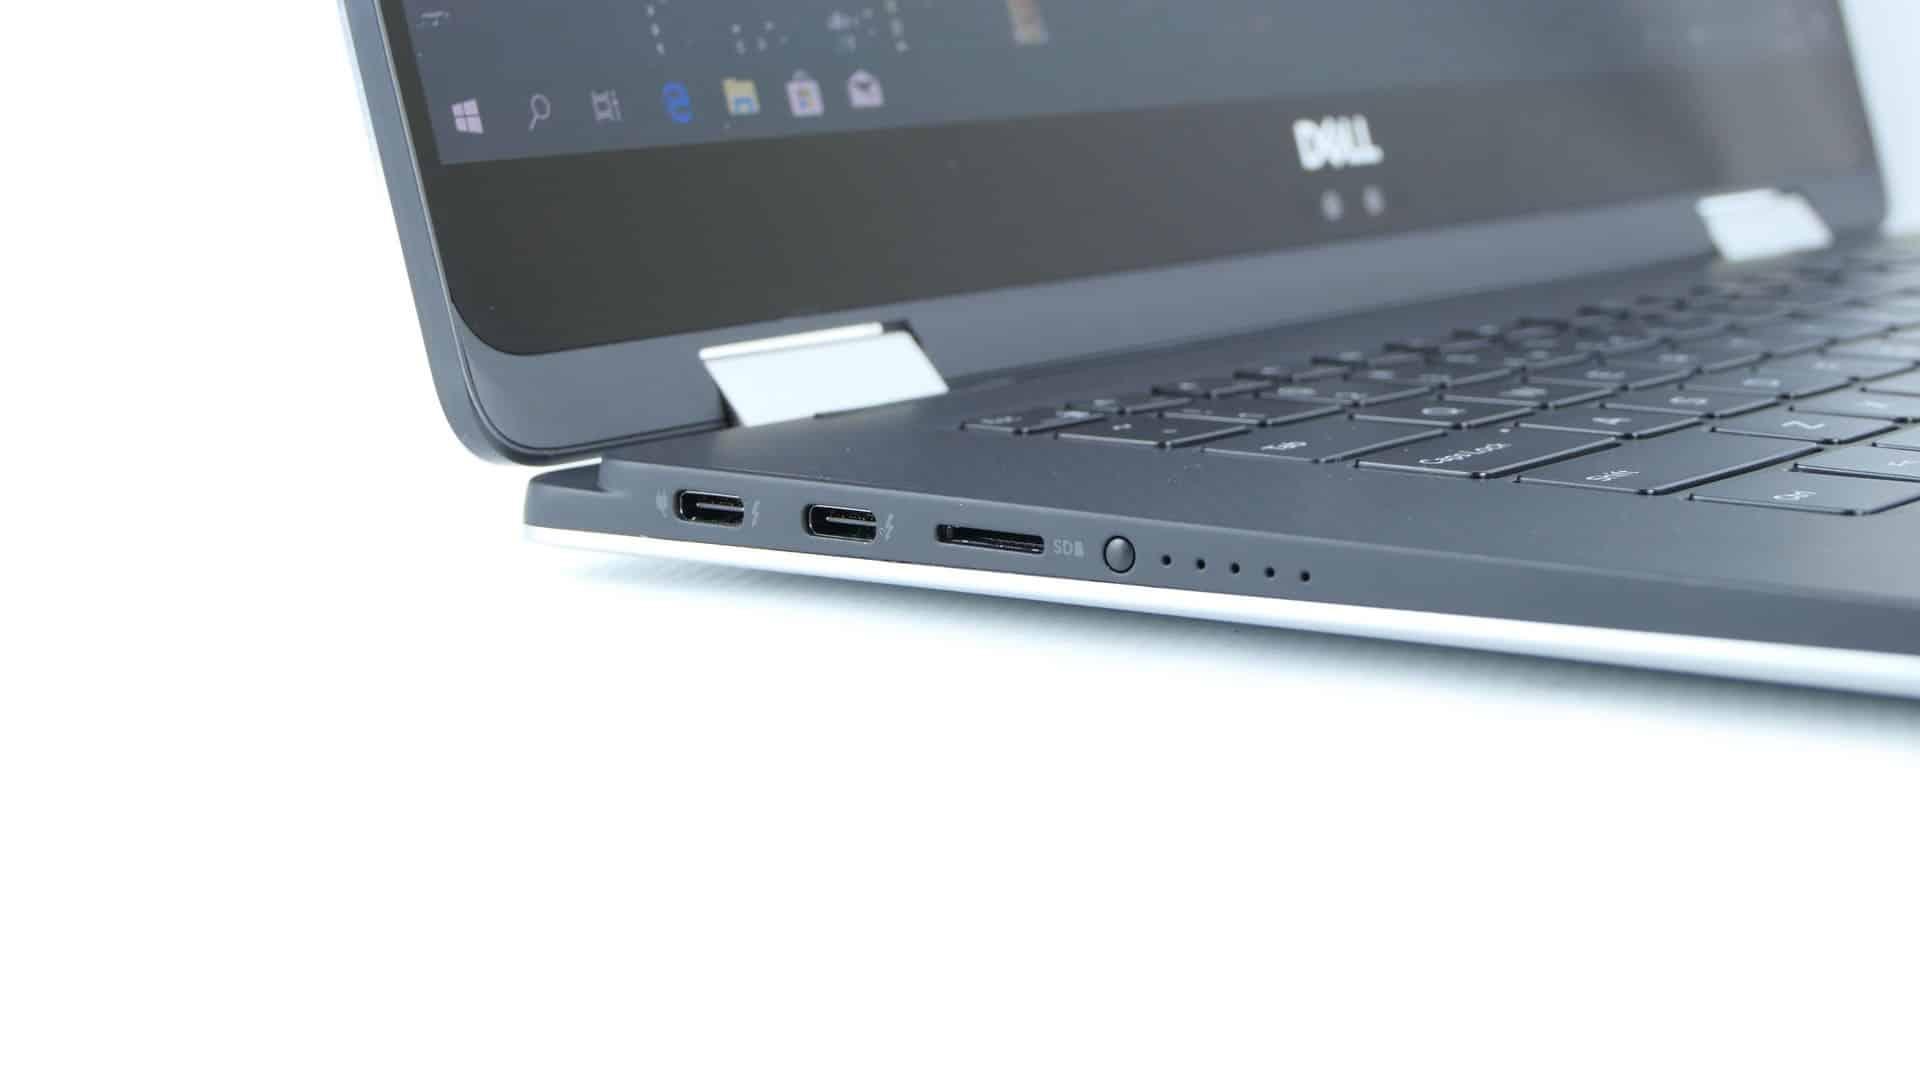 Dell XPS 15 9575 2 w1 - dwa porty Thunderbolt 3, czytnik kart microSD orazwskaźnik naładowania baterii